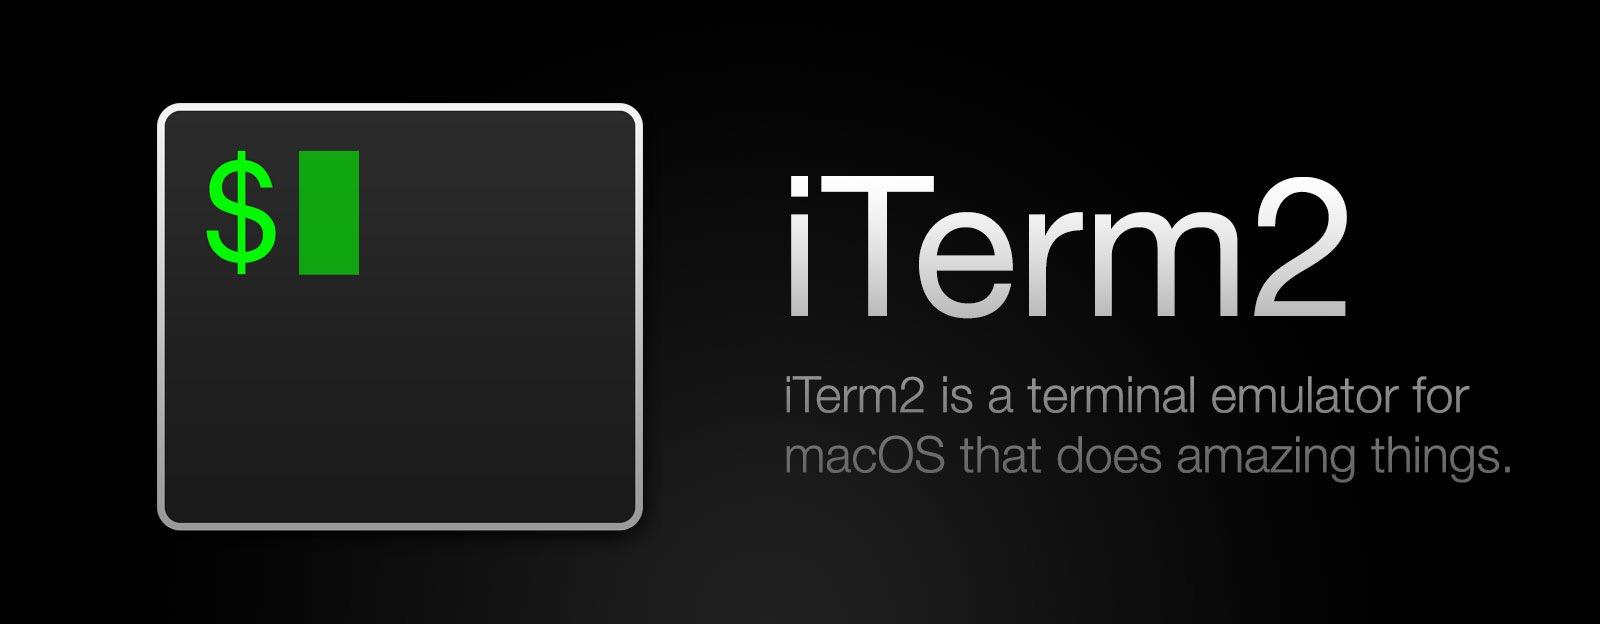 打造Mac OS 最强终端利器 iTerm2